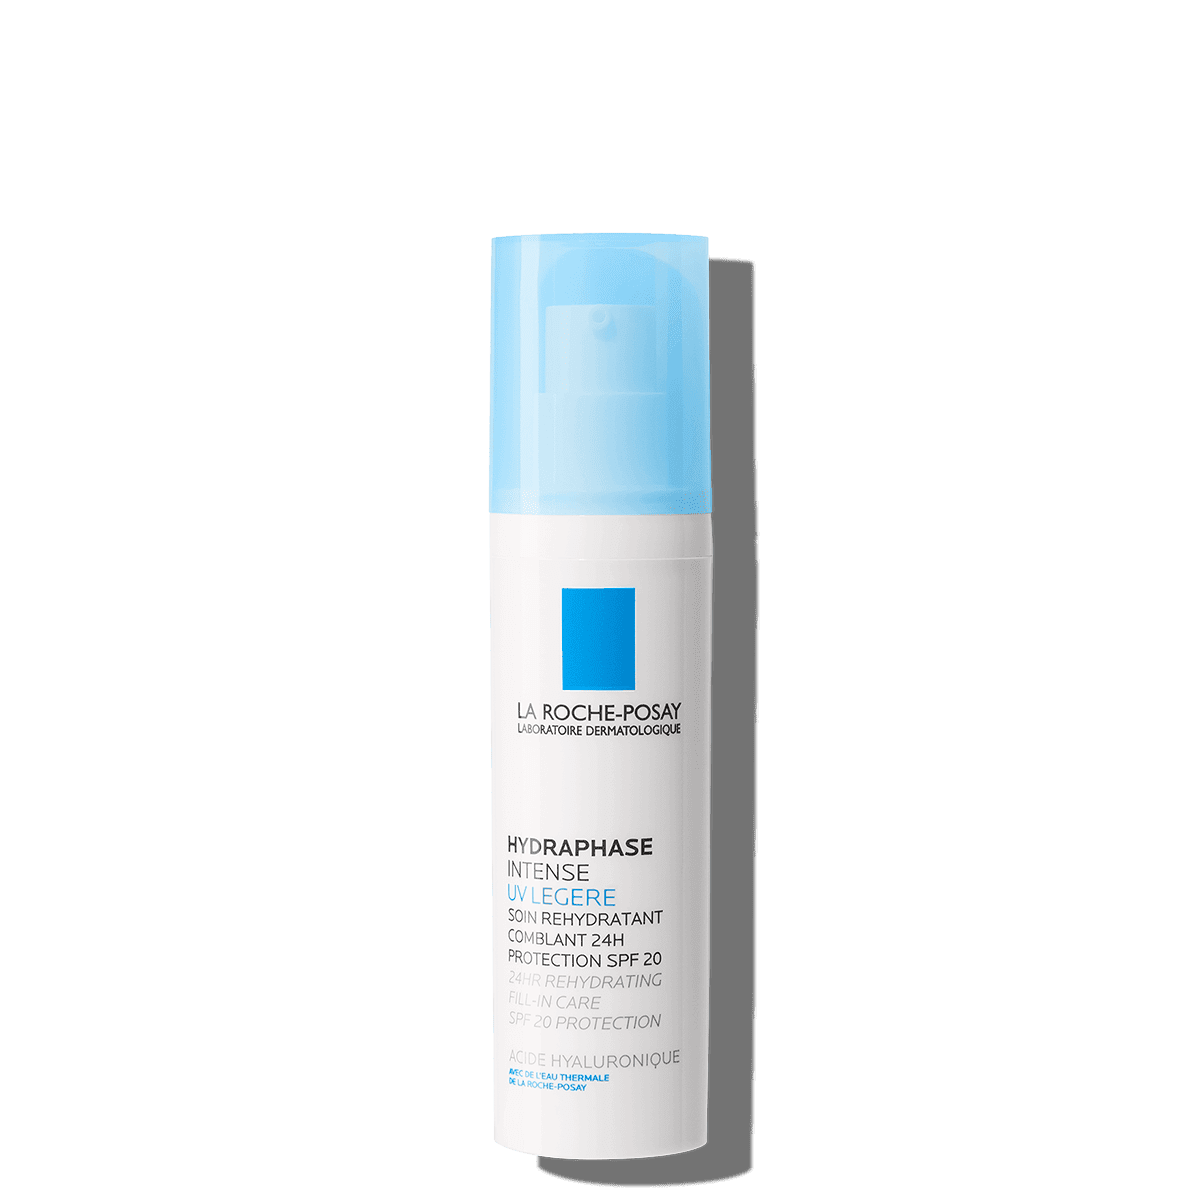 Krem intensywnie nawilżający HYDRAPHASE UV SPF 20 INTENSE LEGERE 50 ml Przód | La Roche Posay